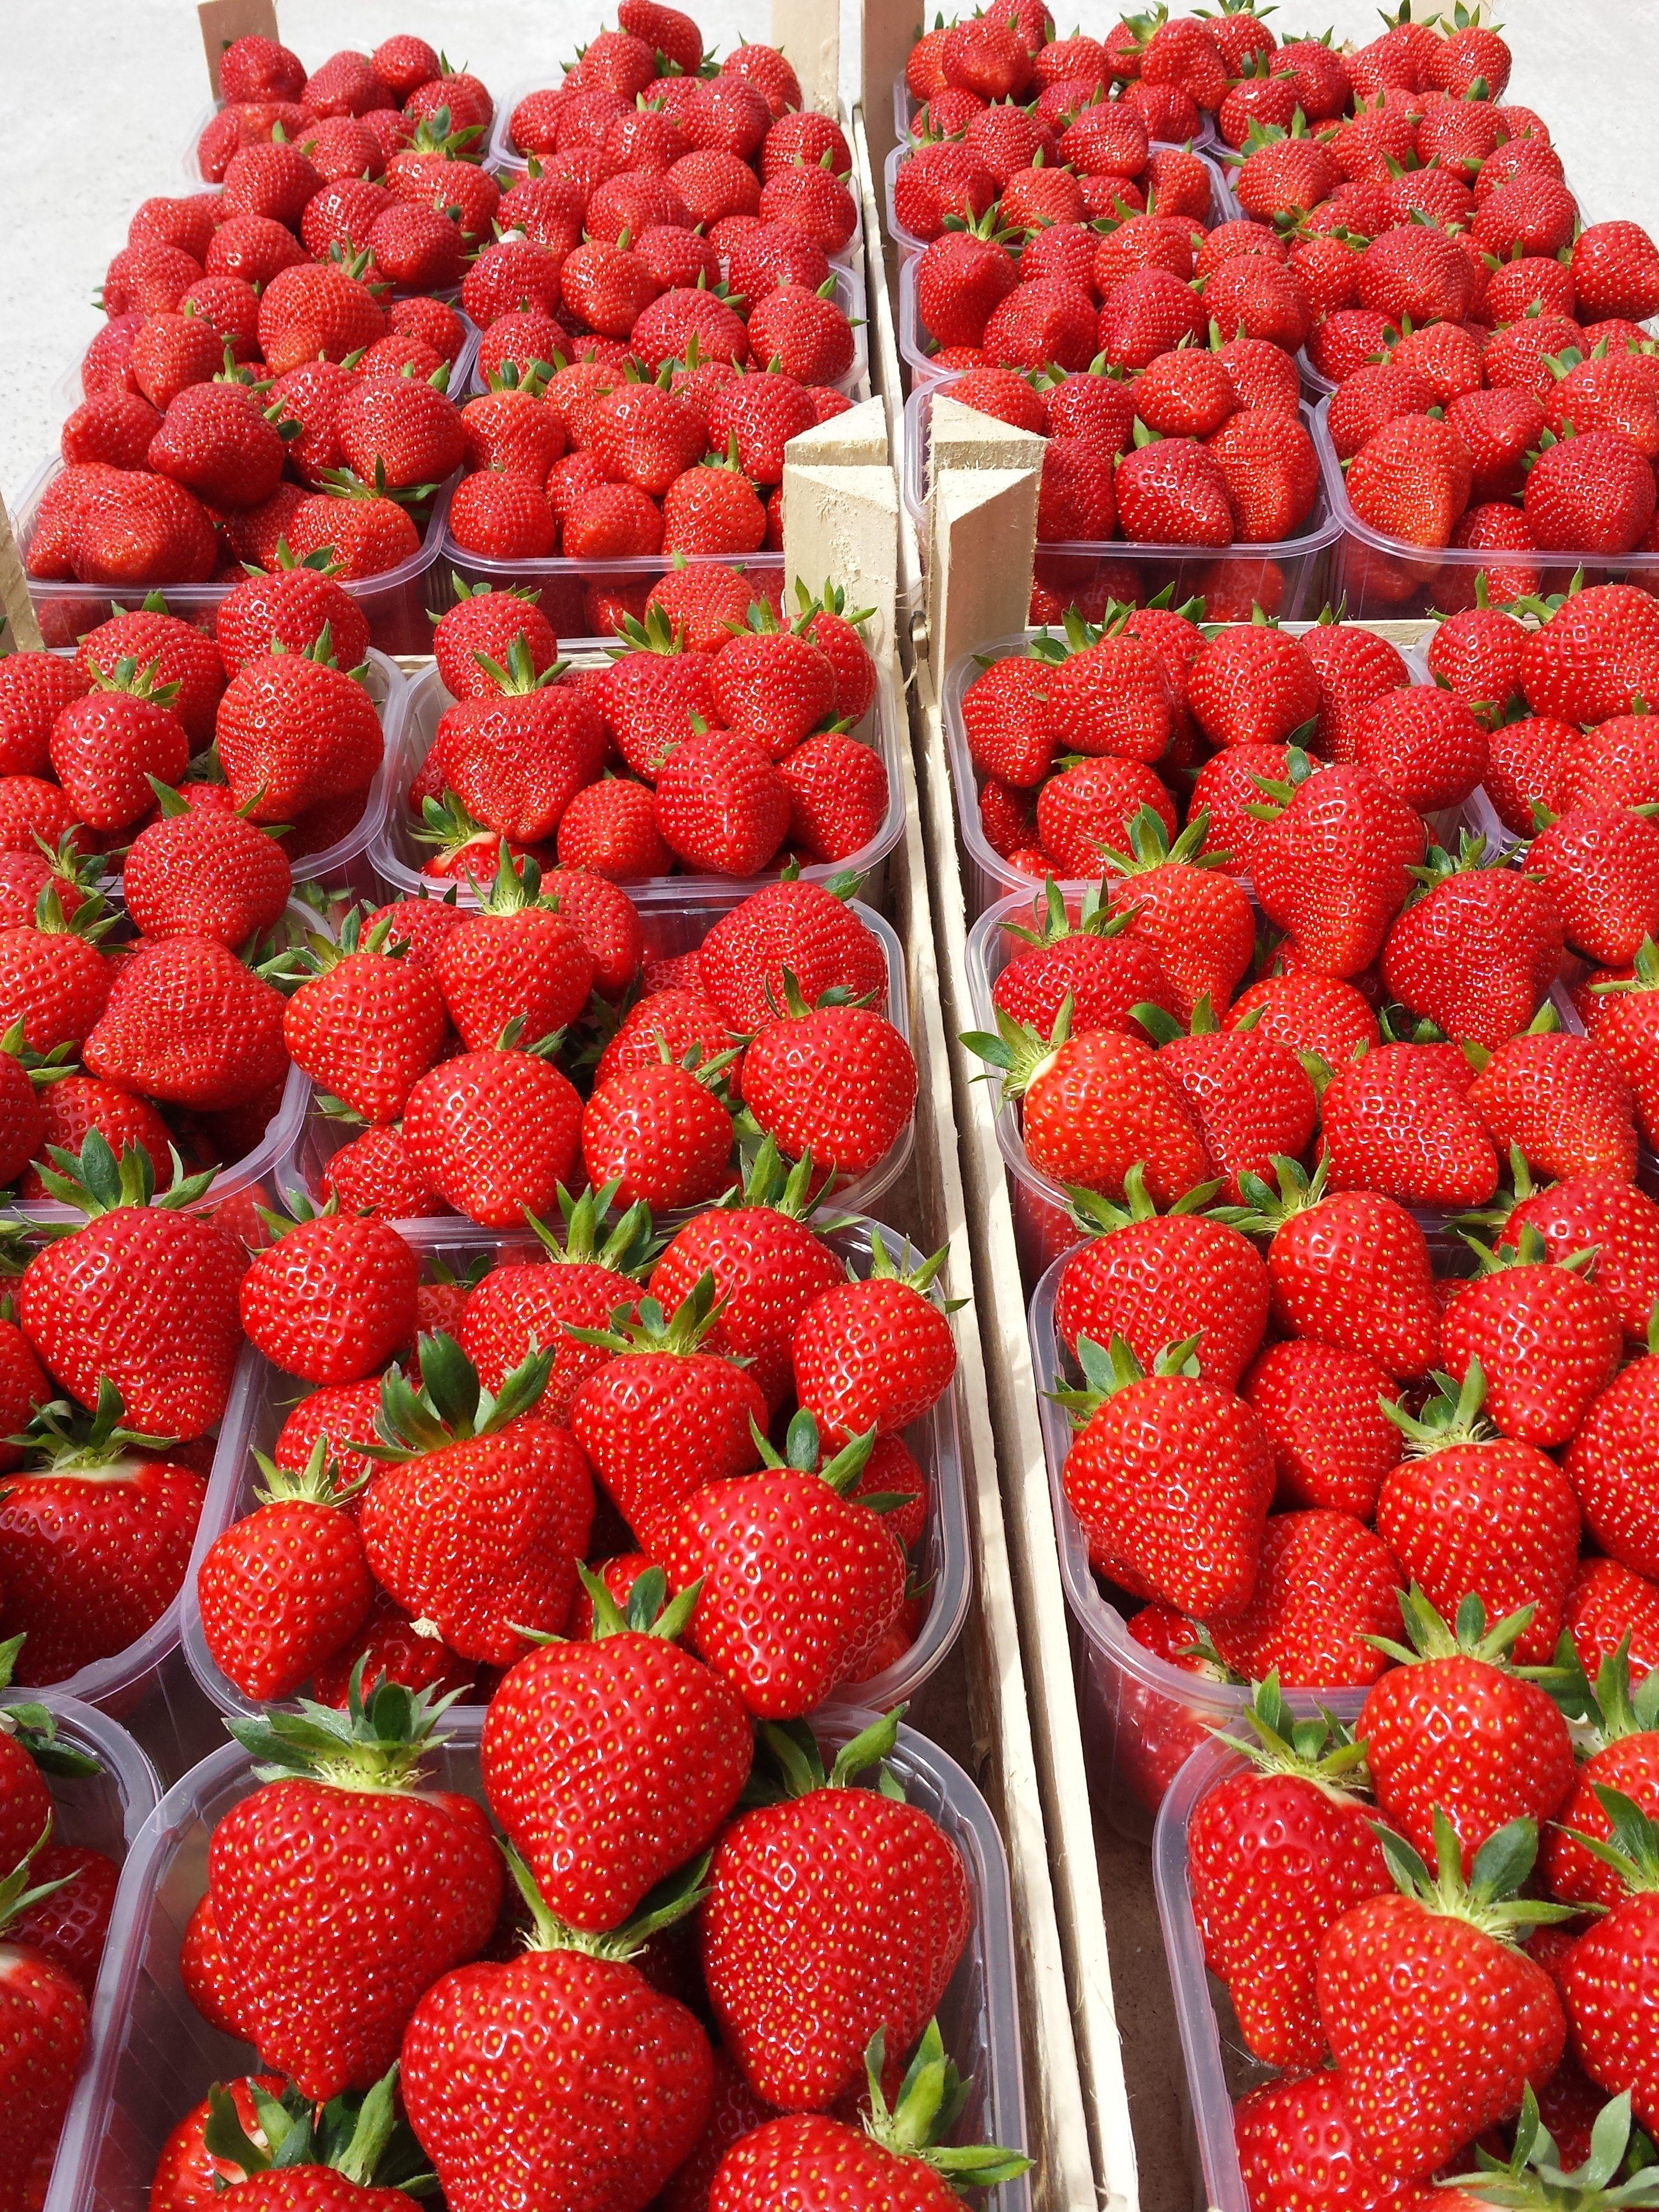 Elma's verkoopt maar liefst 300 dagen per jaar Belgische aardbeien. Kom ze snel eens proeven !